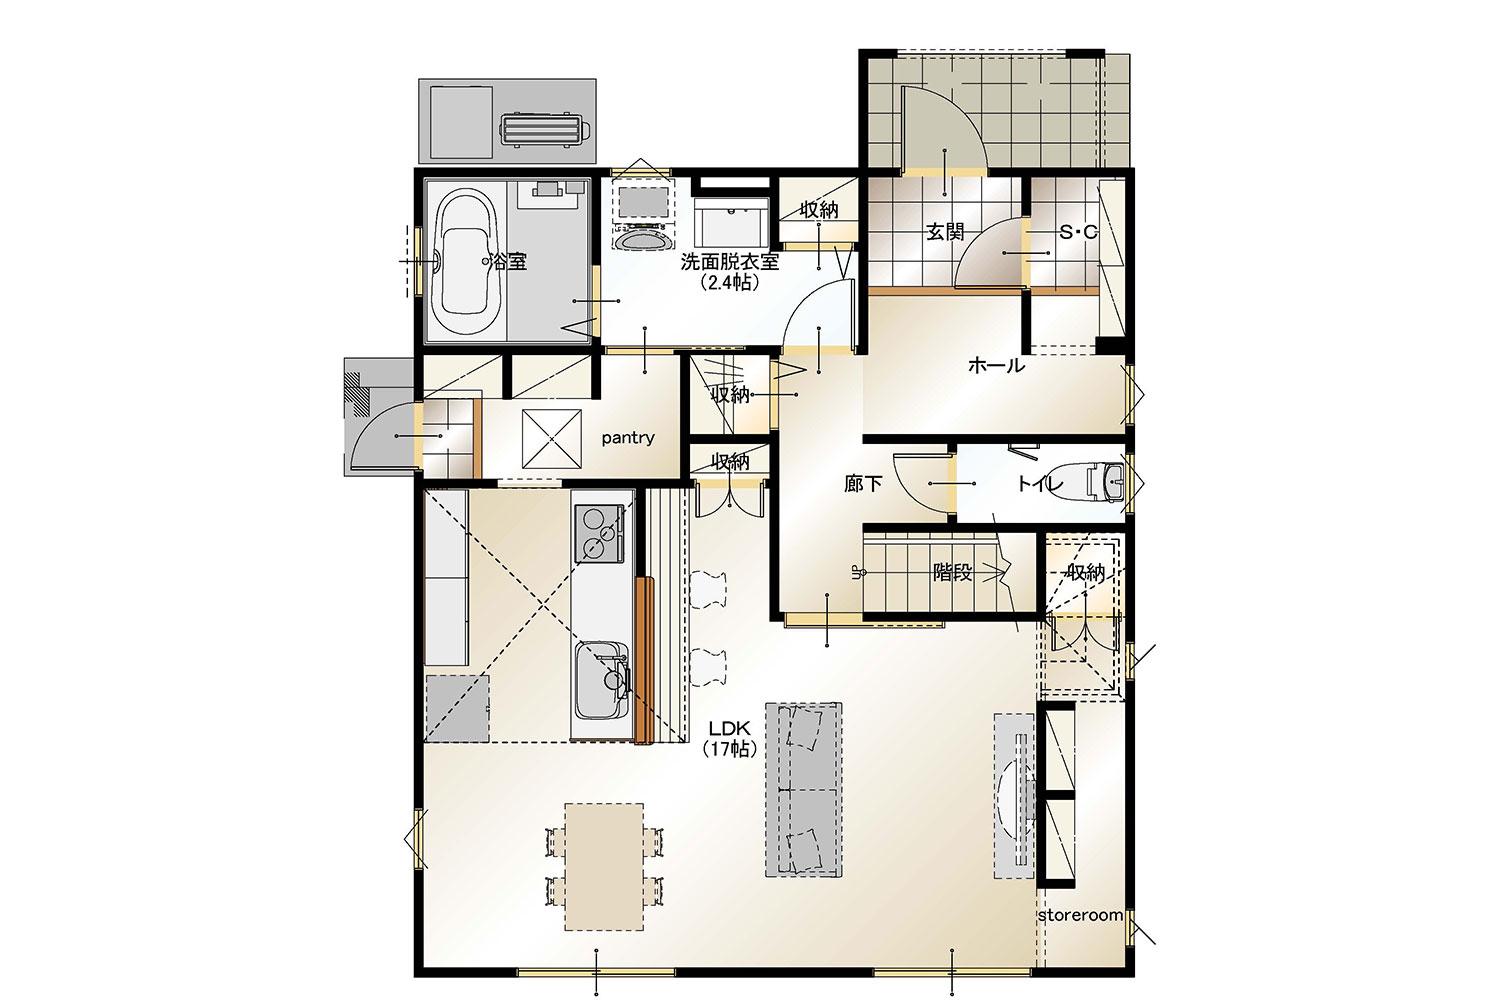 甲斐市下今井E28号棟 建売住宅 平面図1F